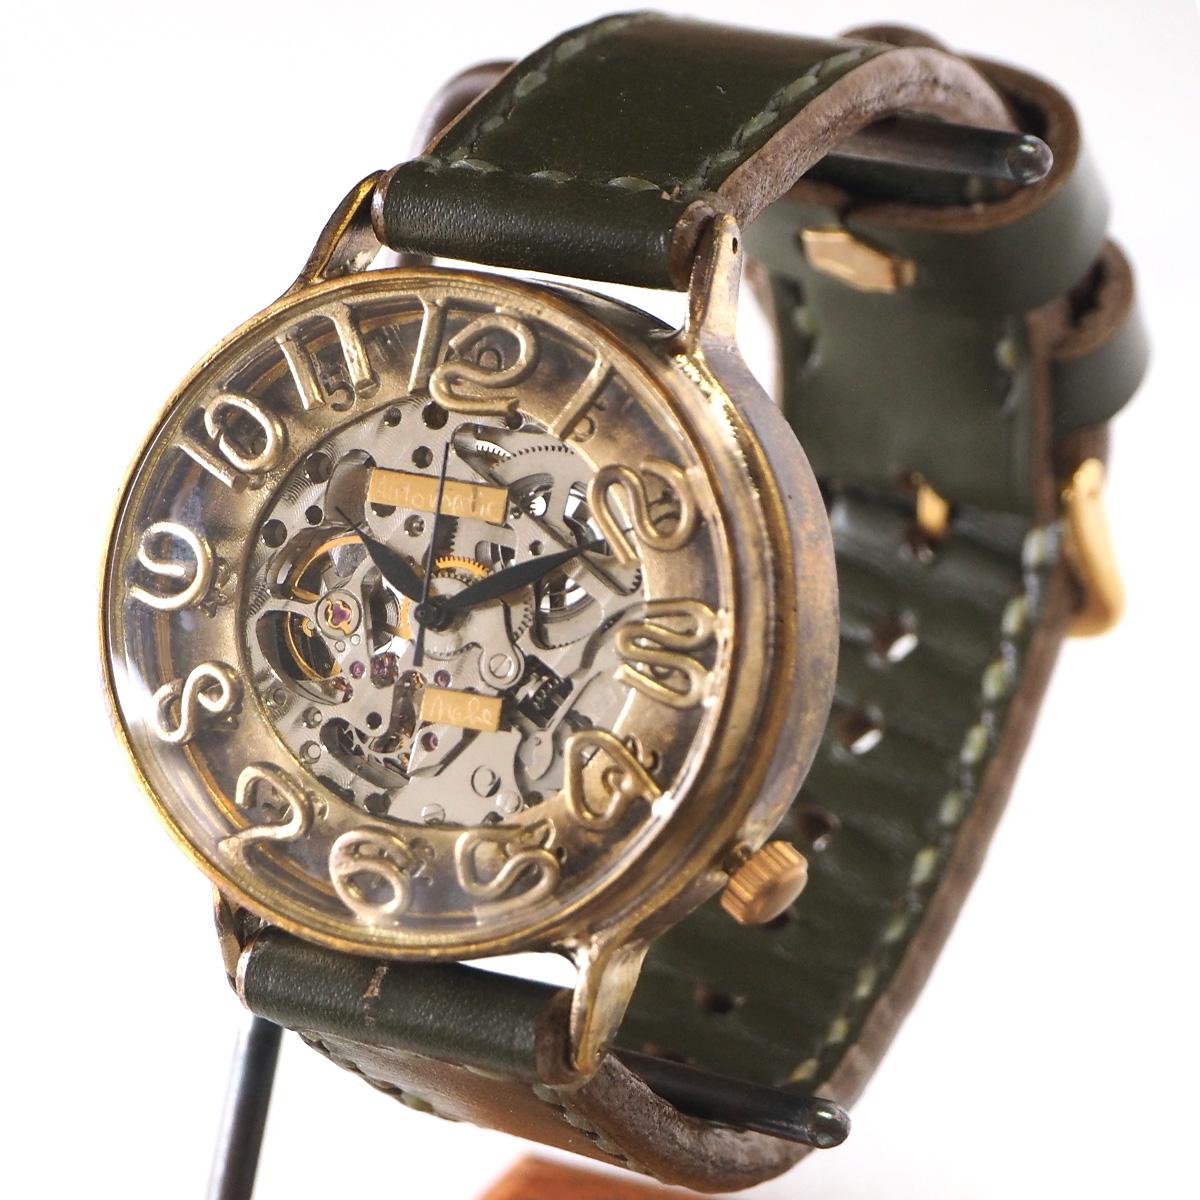 渡辺工房 手作り腕時計 自動巻 裏スケルトン ジャンボブラス 42mm 手縫いベルト [NW-BAM040-S] 時計作家・渡辺正明さん ハンドメイドウォッチ ハンドメイド腕時計 手作り時計 ビッグフェイス メンズ レディース 本革ベルト レトロ アナログ 日本製 刻印・名入れ無料